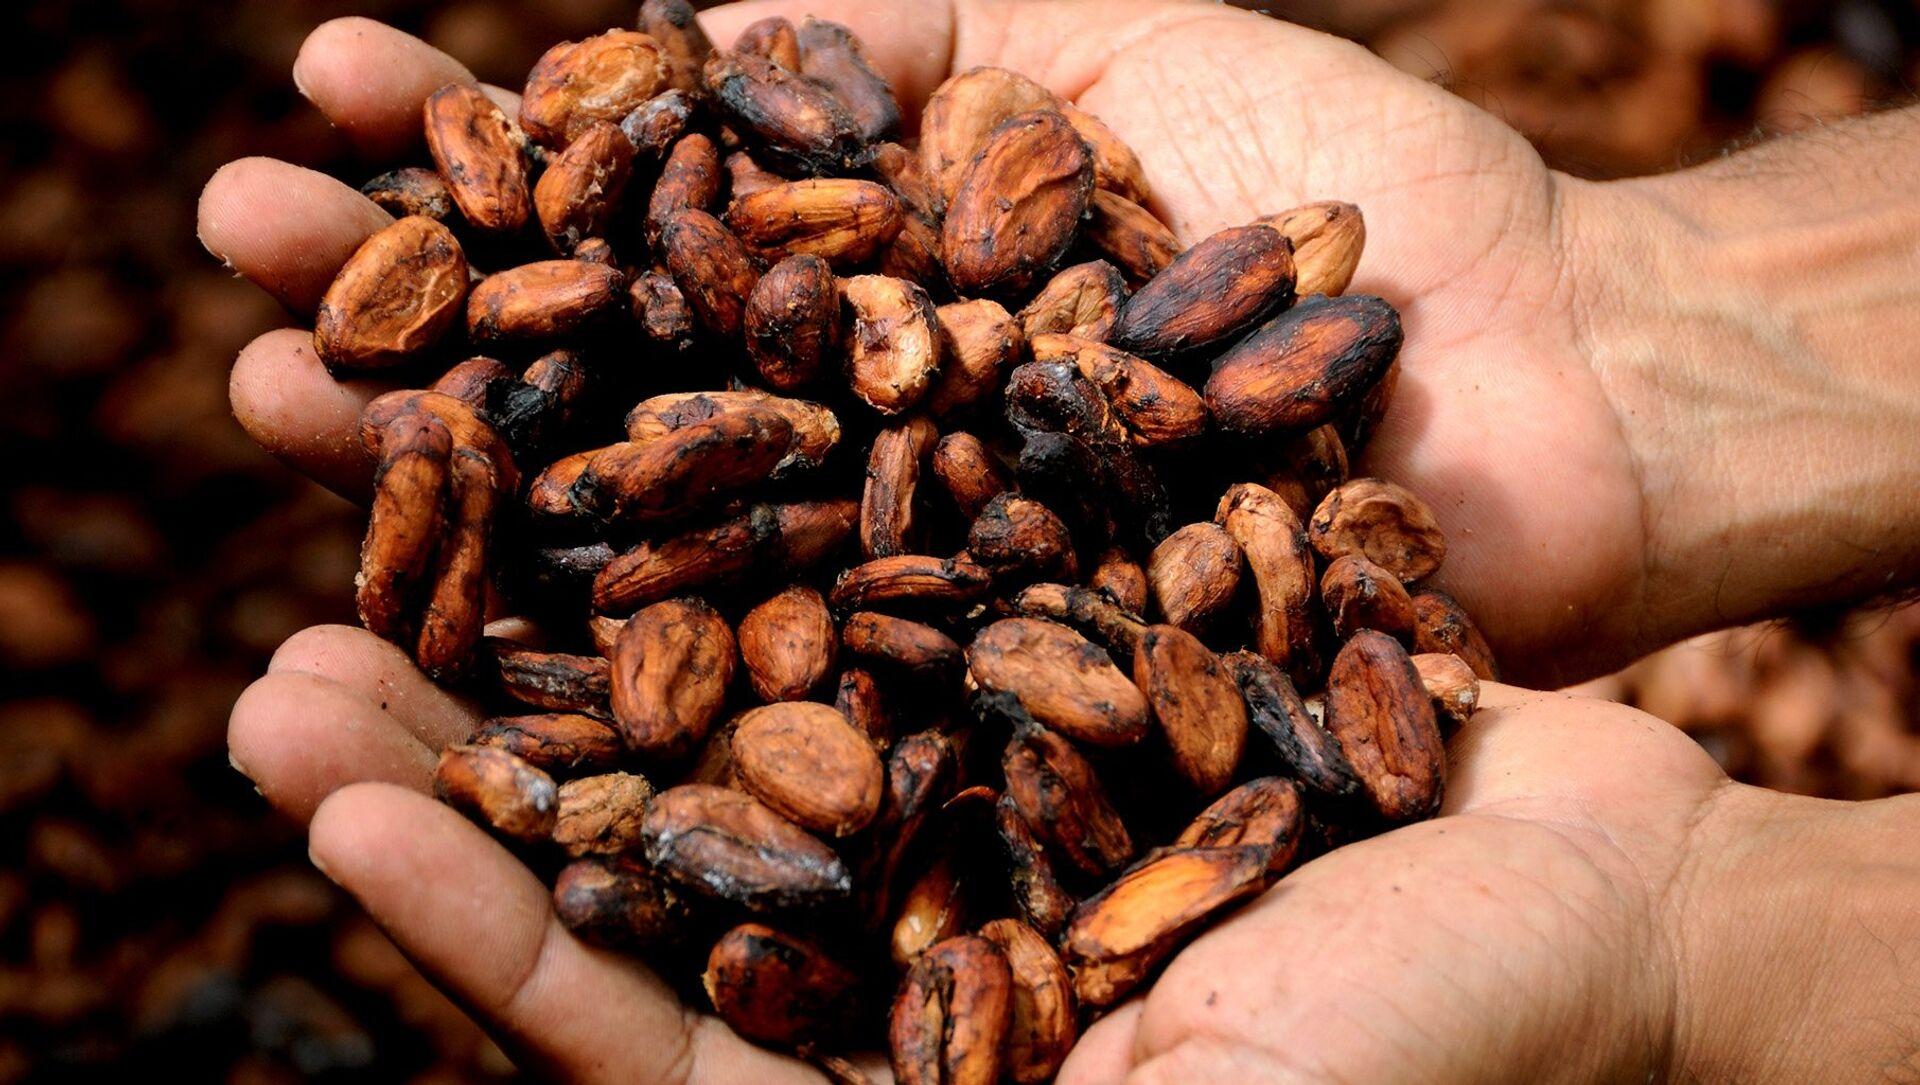 Grano de cacao - Sputnik Mundo, 1920, 03.12.2020